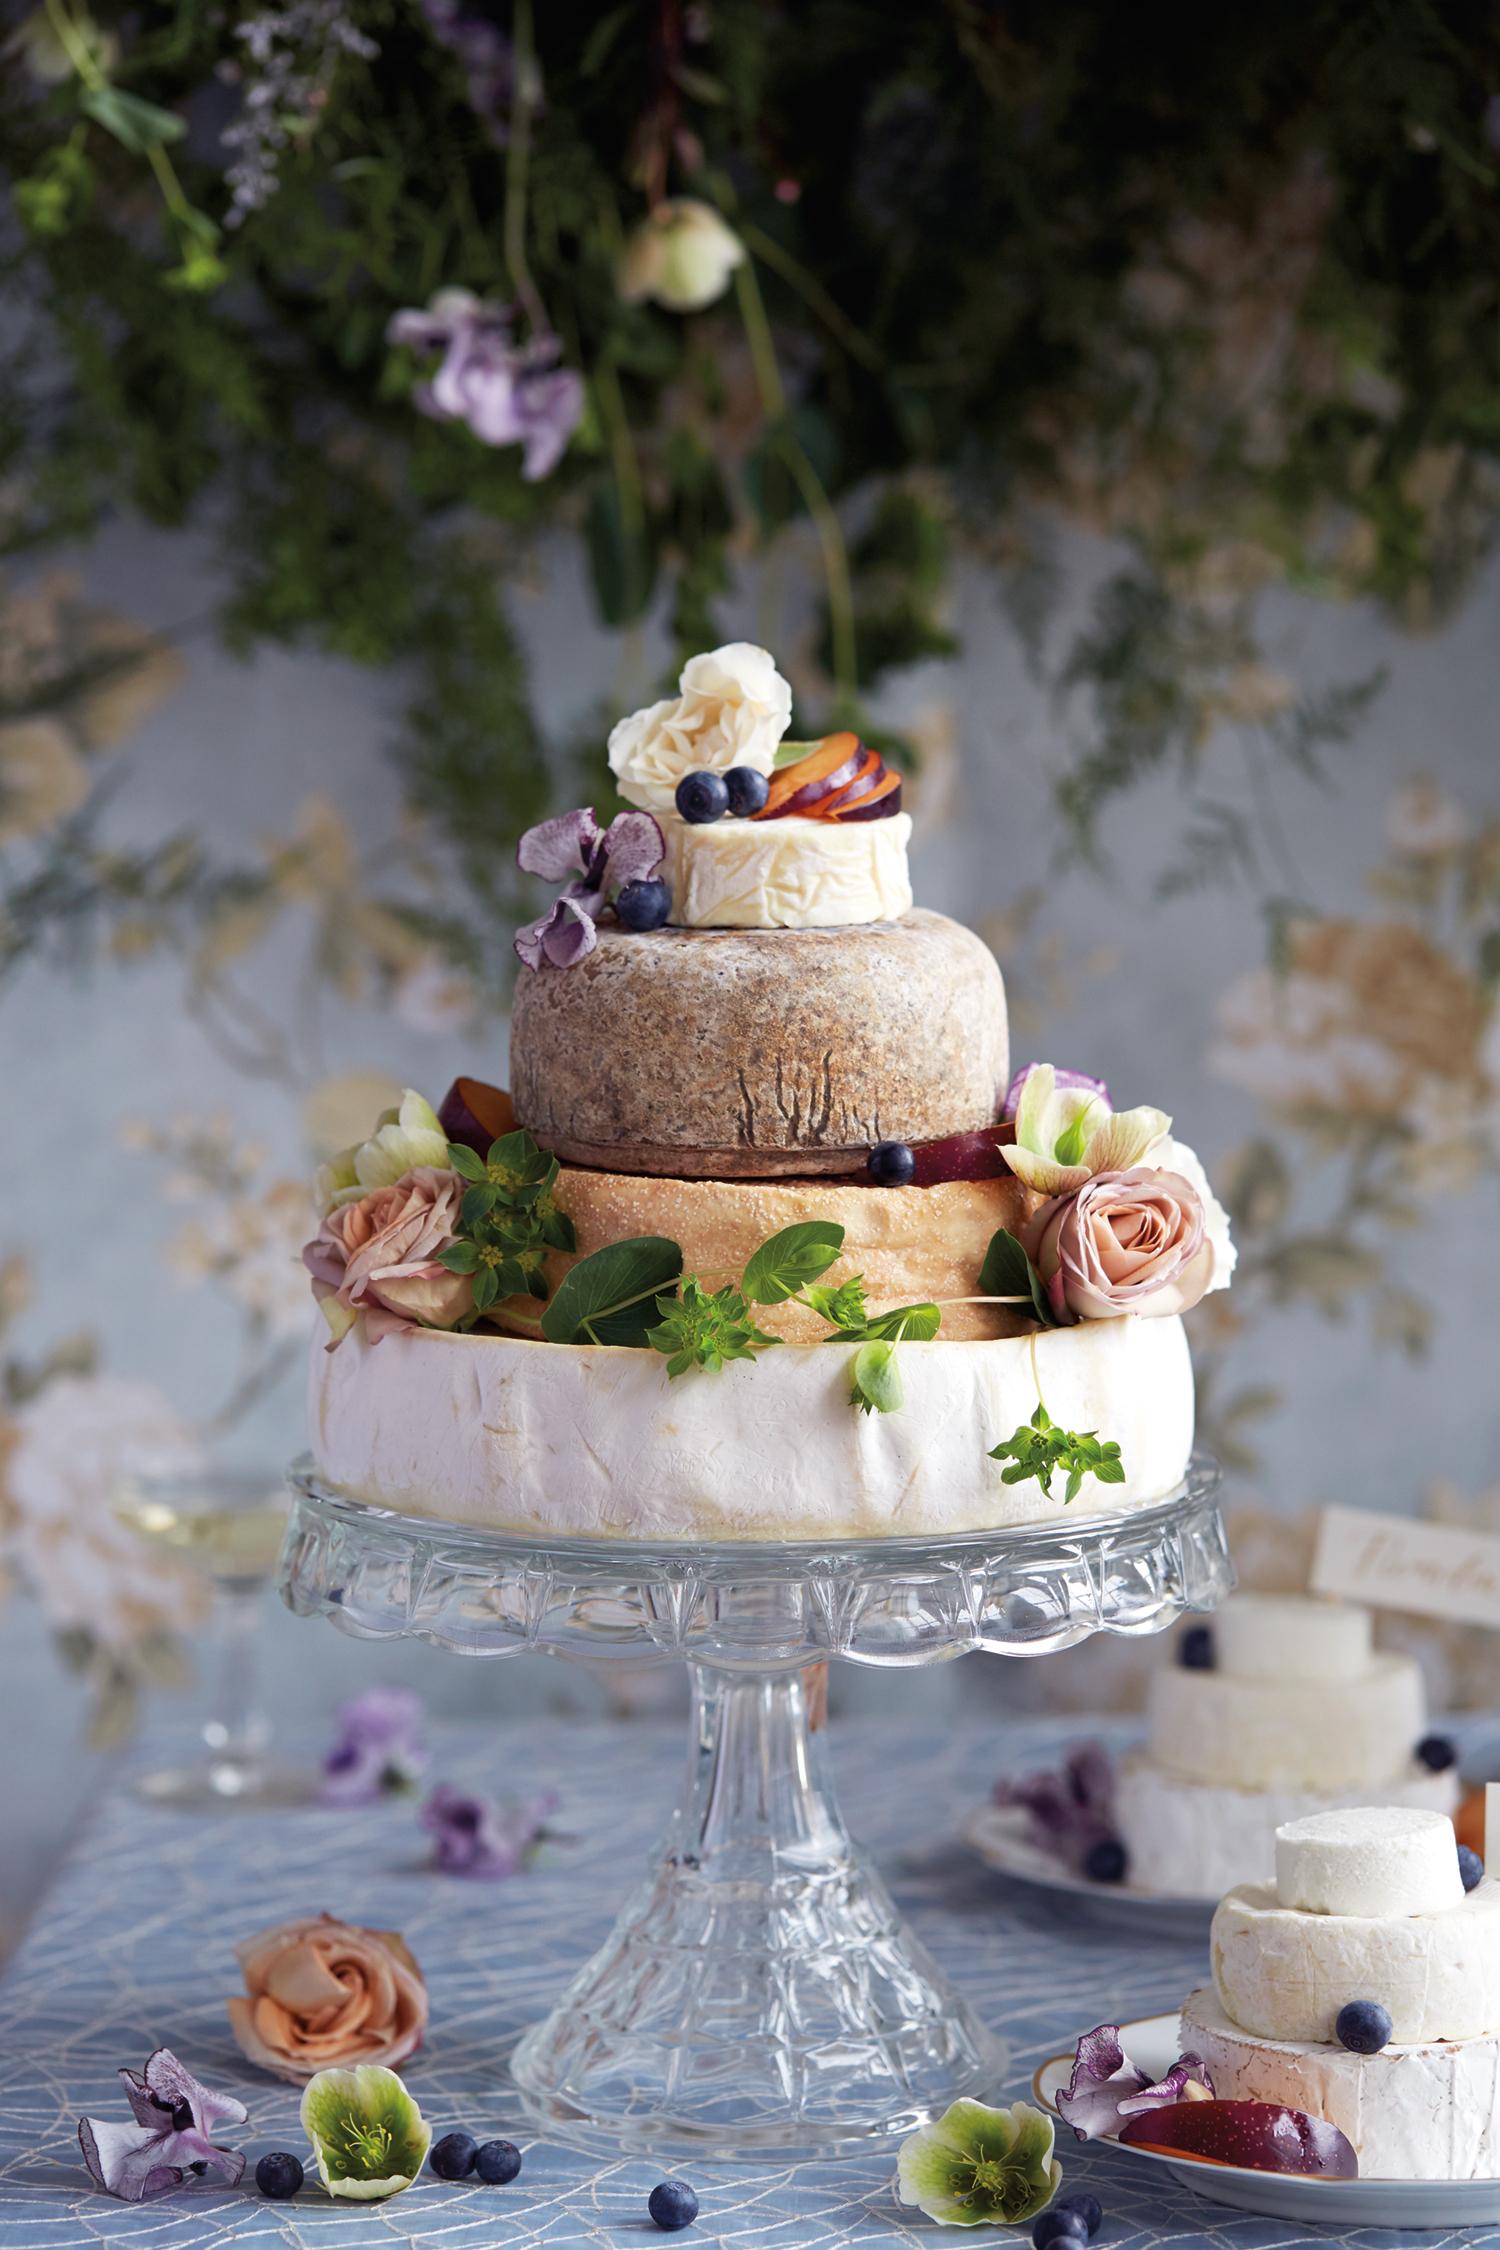 SMBG_0617_Desserts_Met Bride and Groom - 201716163-web.jpg